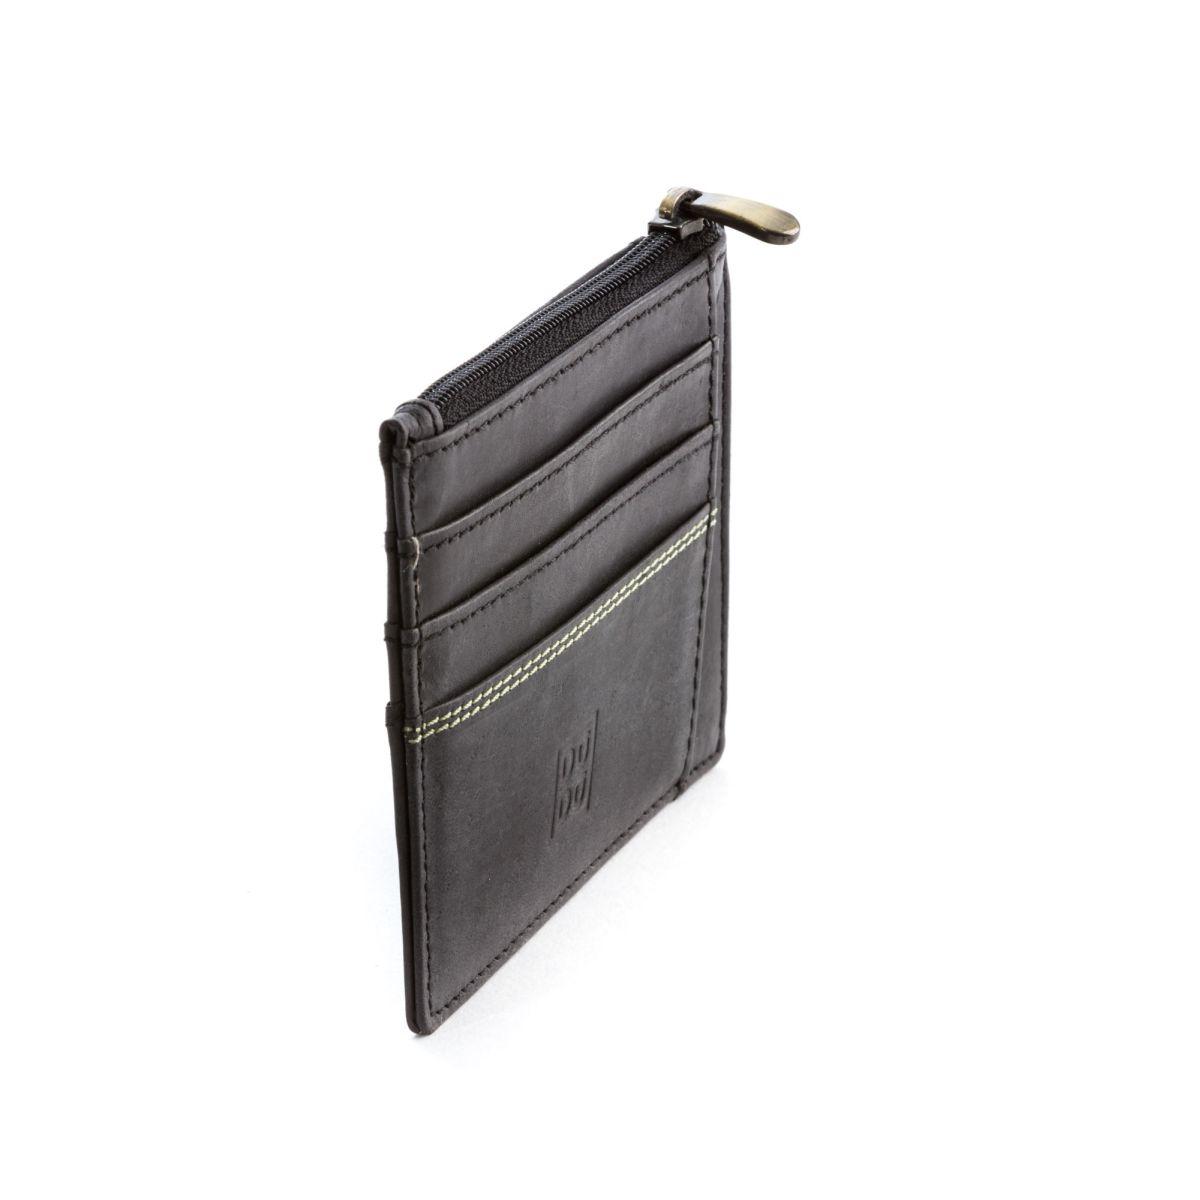 DuDu ארנק מינימלסטי עם תא למטבעות - שחור